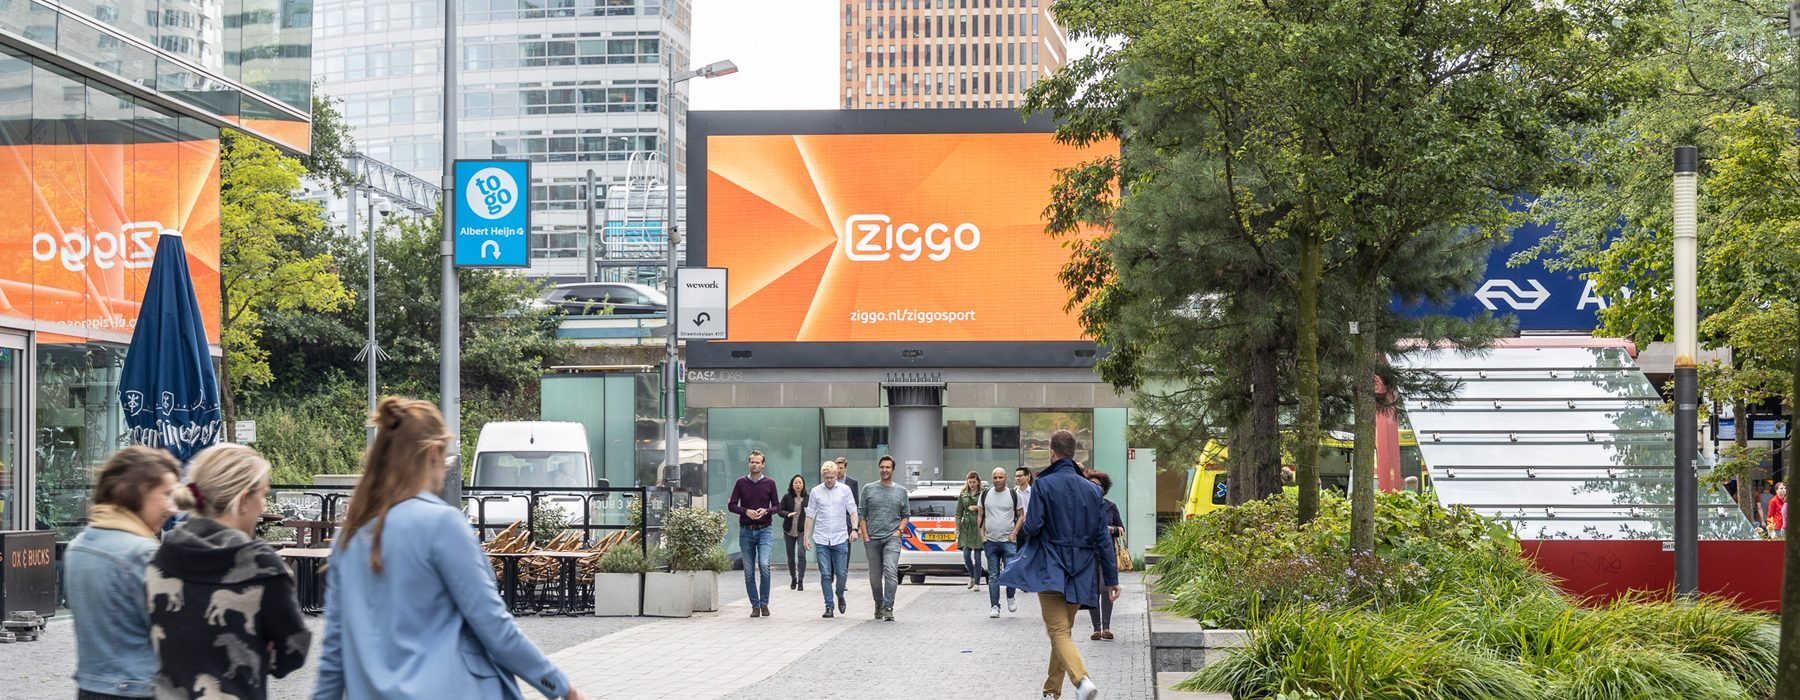 Digitaal scherm Station Amsterdam Zuid Campagne ziggo